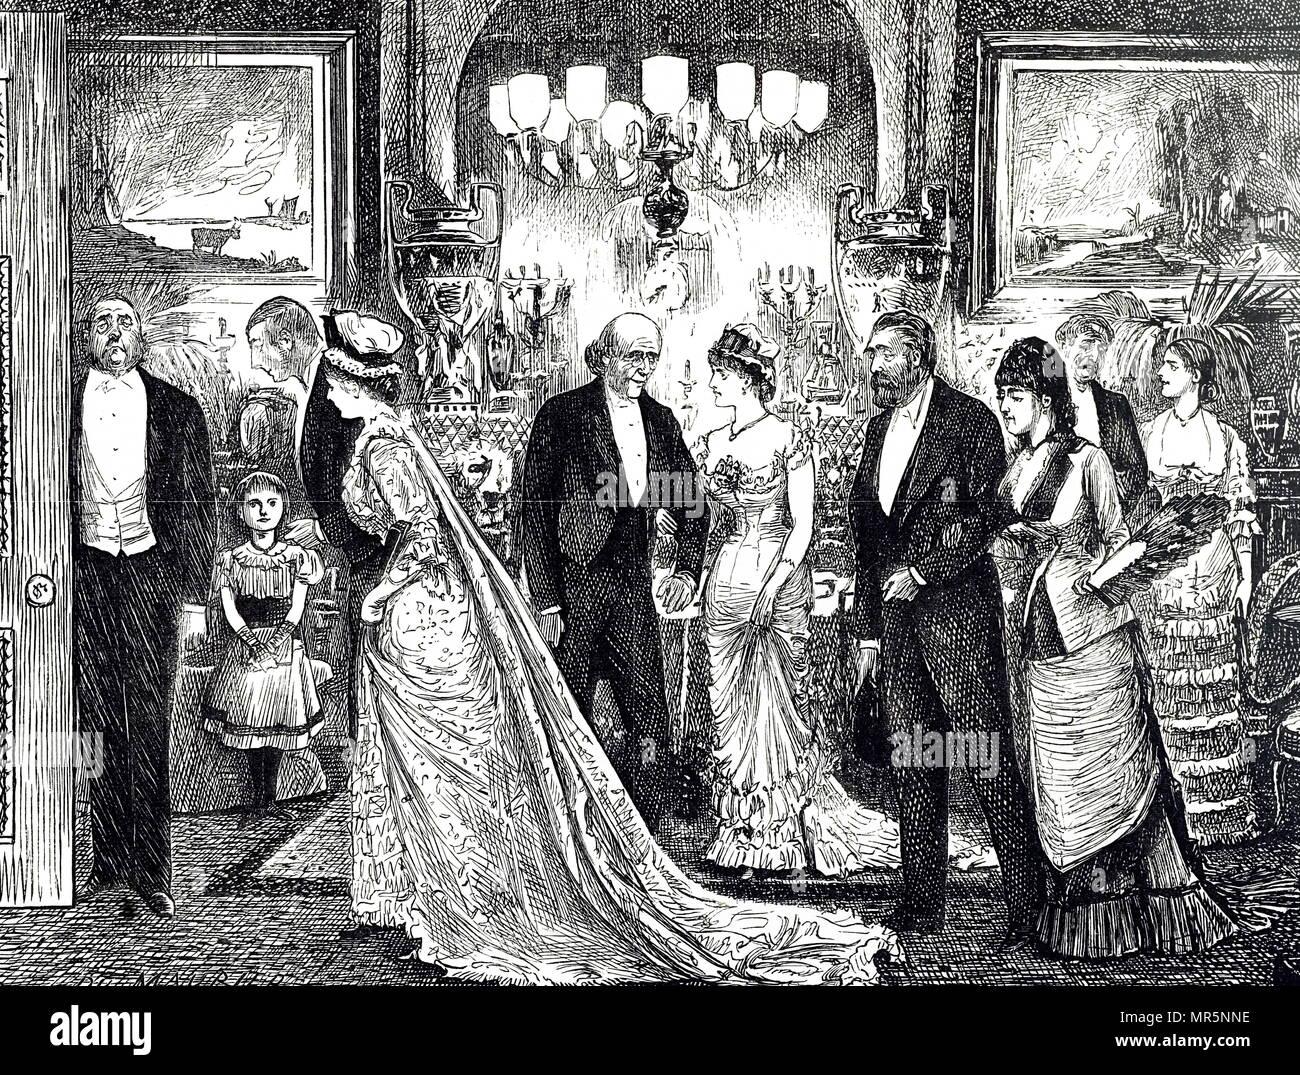 Cartoon, einem eleganten Soirée in einem viktorianischen Haus. Mit Ill. von George Du Maurier (1834-1896) eine französisch-britische Zeichner und Autor. Vom 19. Jahrhundert Stockbild